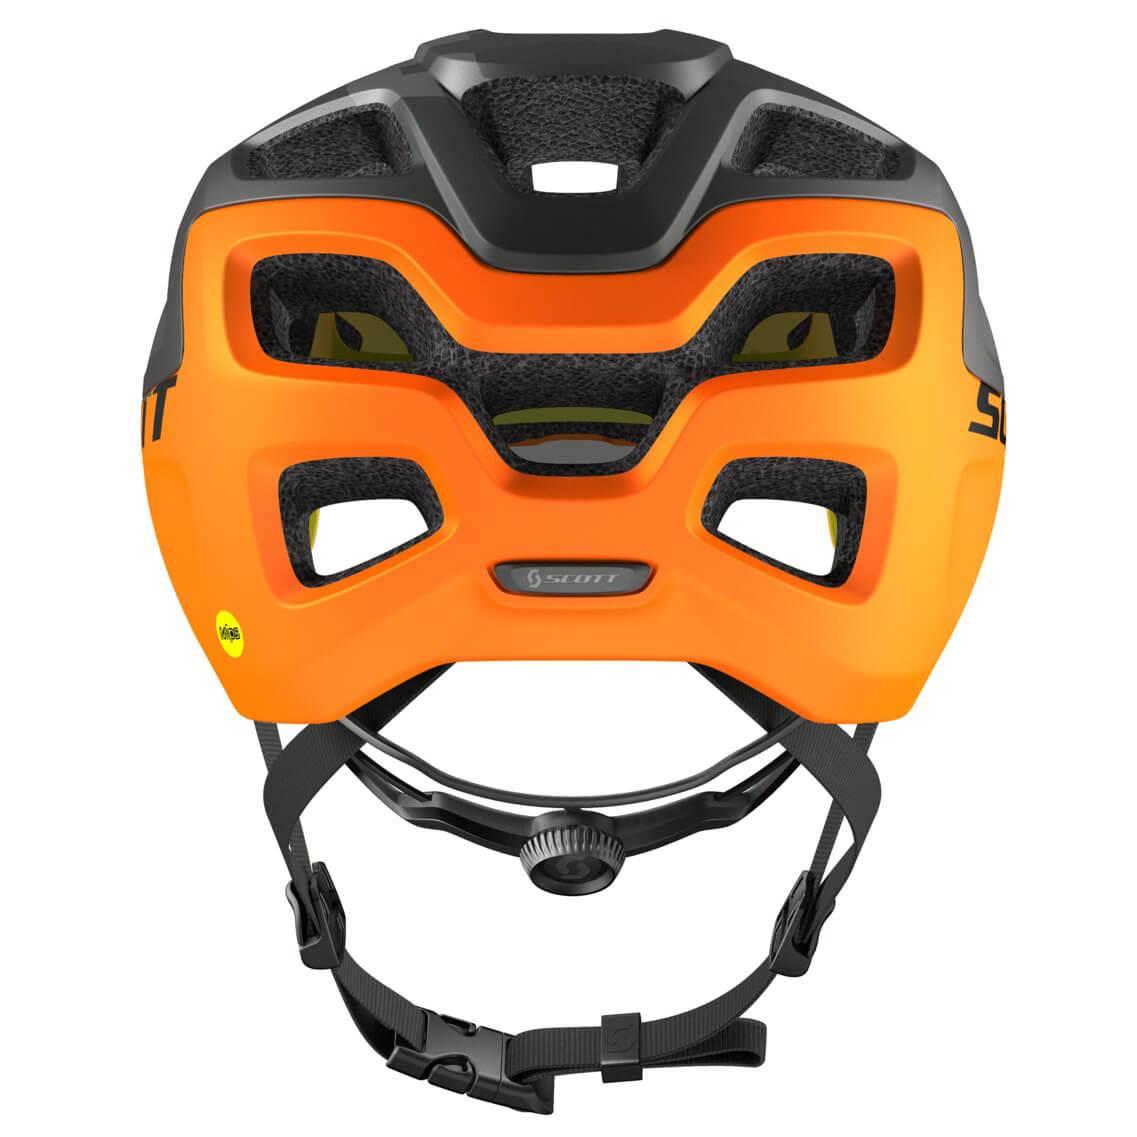 Frisk Scott Helmet Vivo Plus - Cykelhjelm | Gratis forsendelse CU-38